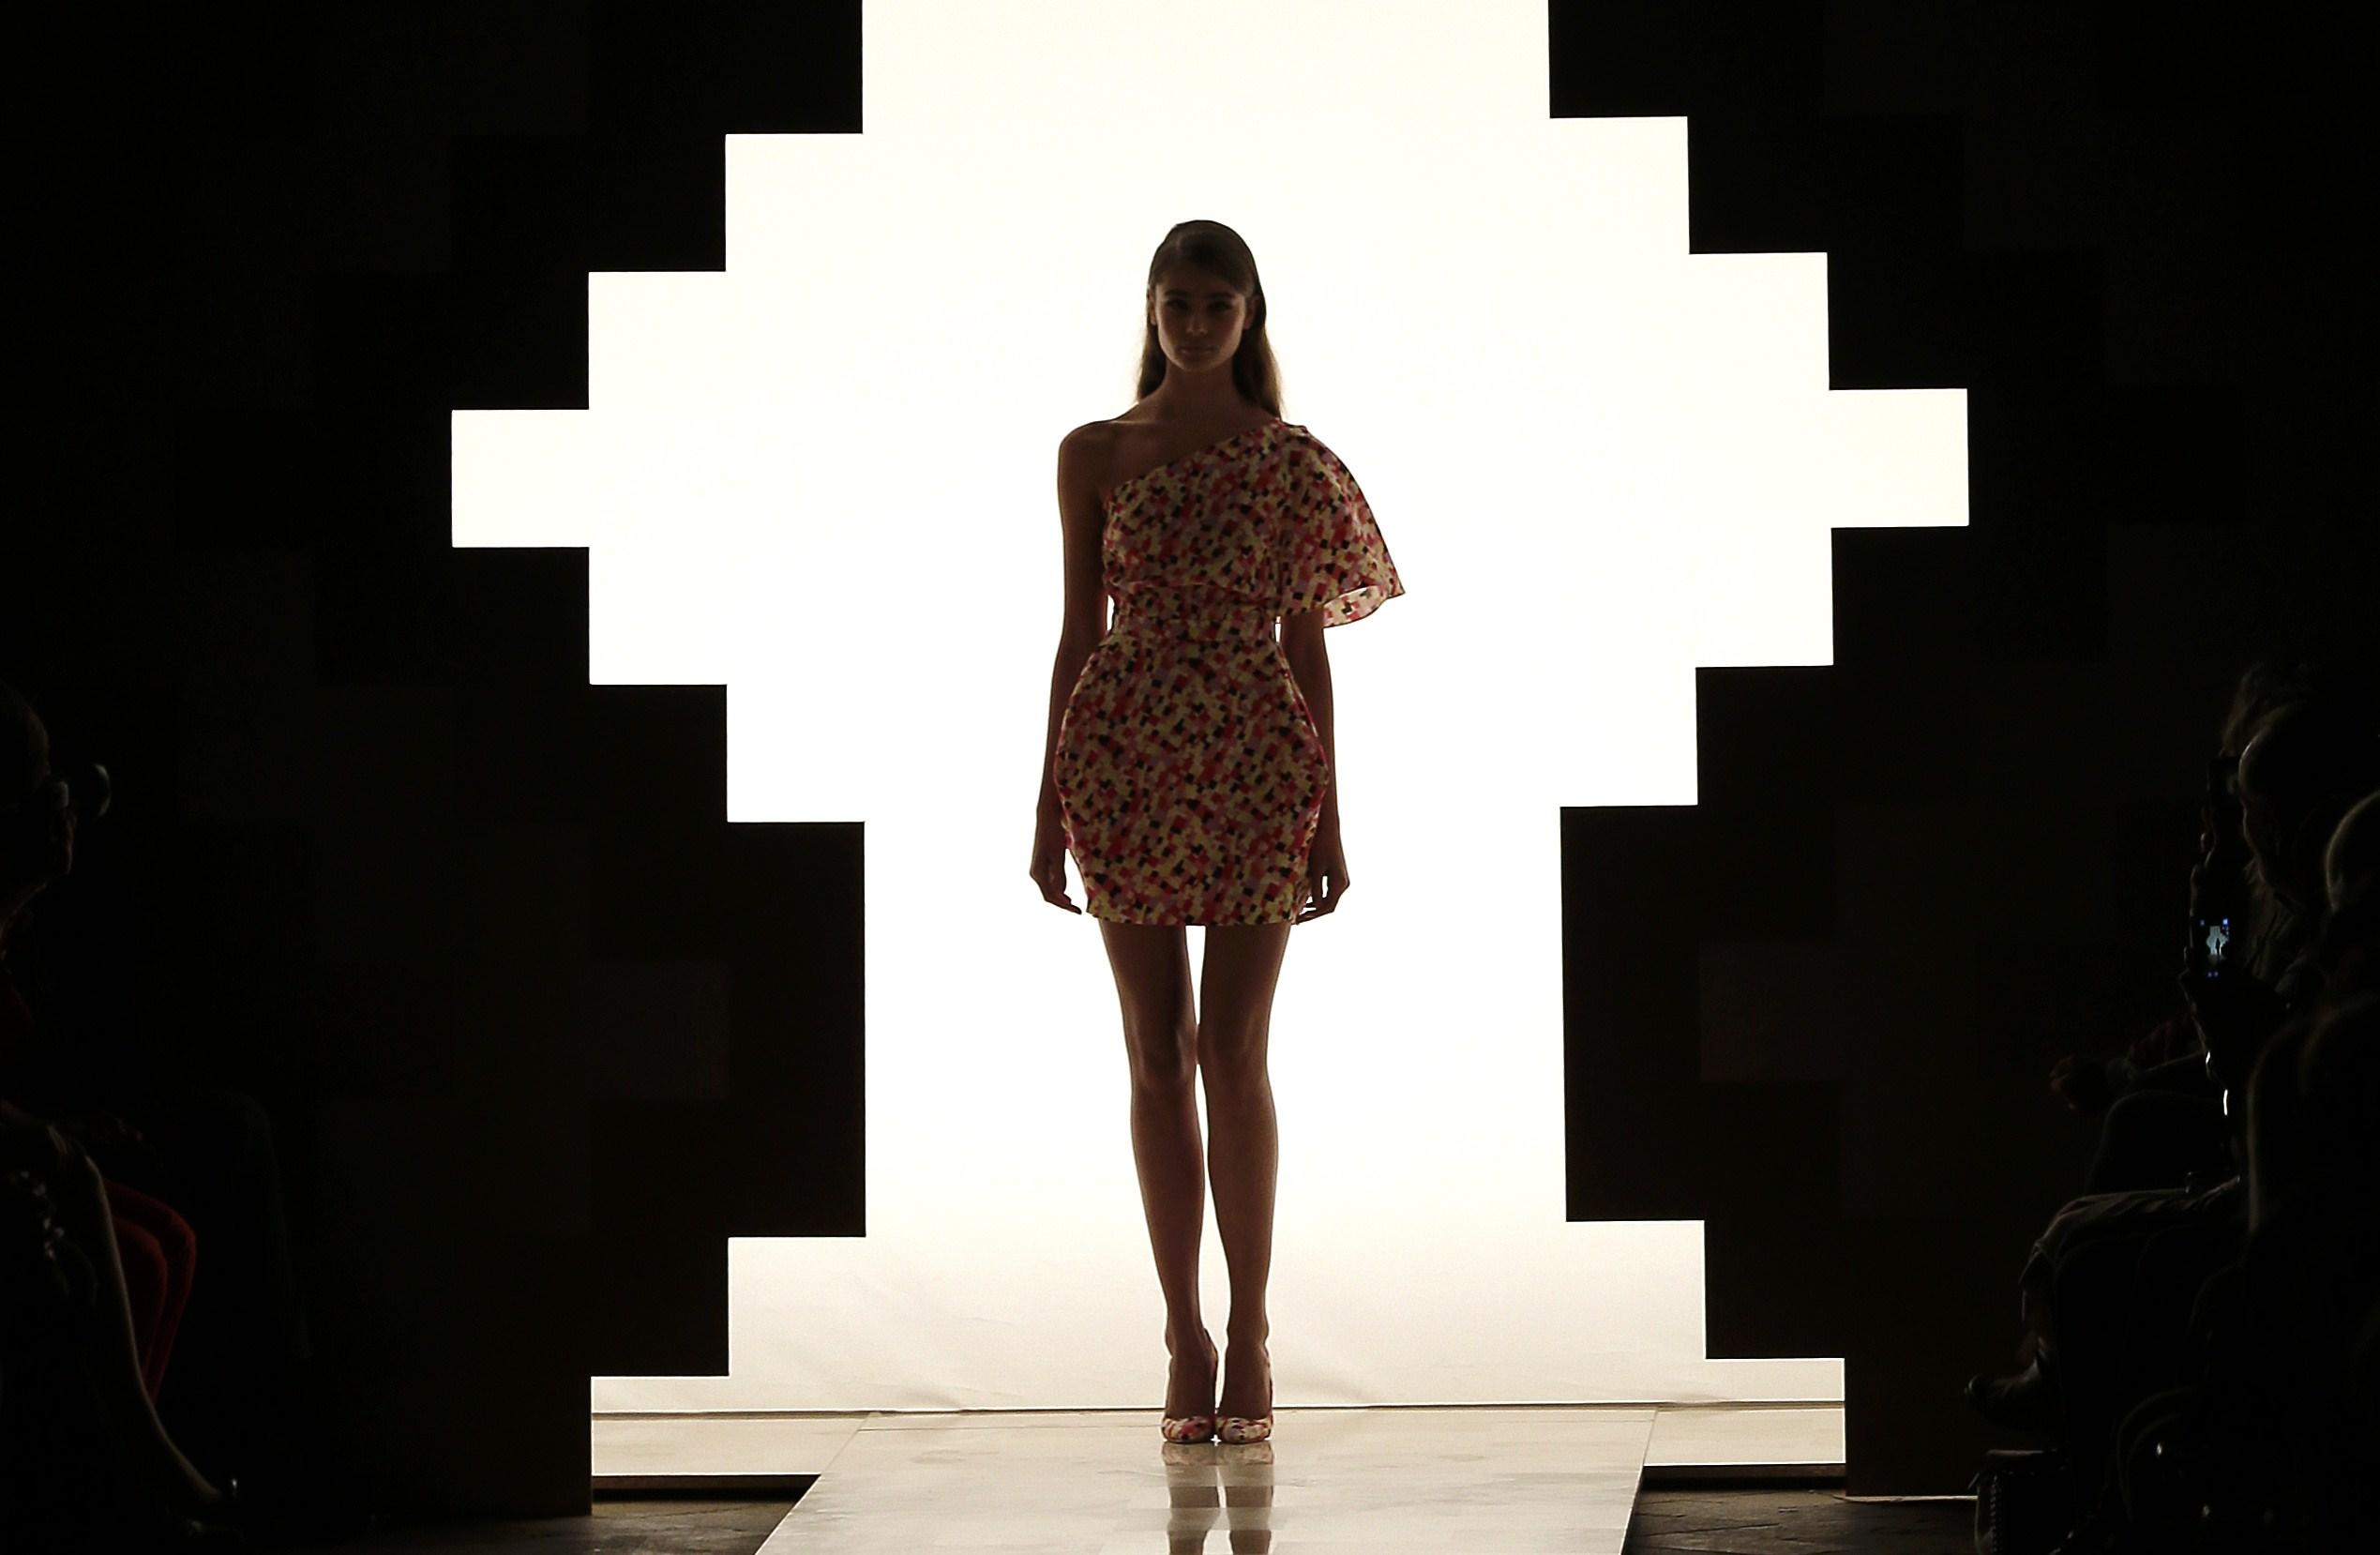 Settimana della moda di milano day 1 for Design della moda milano